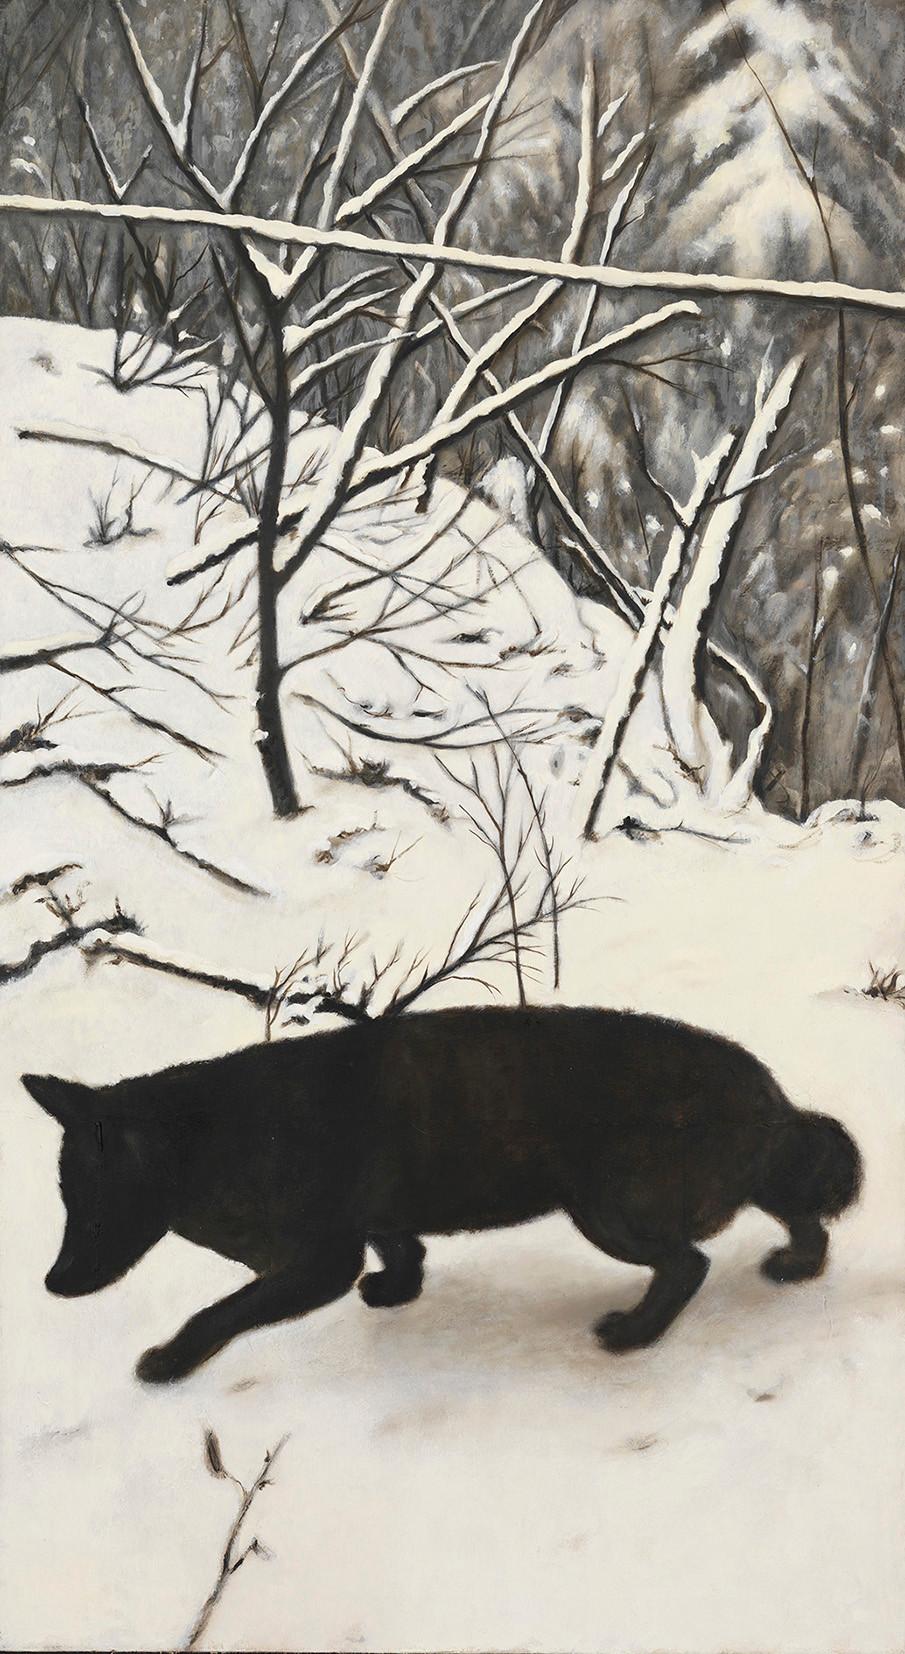 Senza titolo, 2014, olio su carta su tela, cm 145 x 80